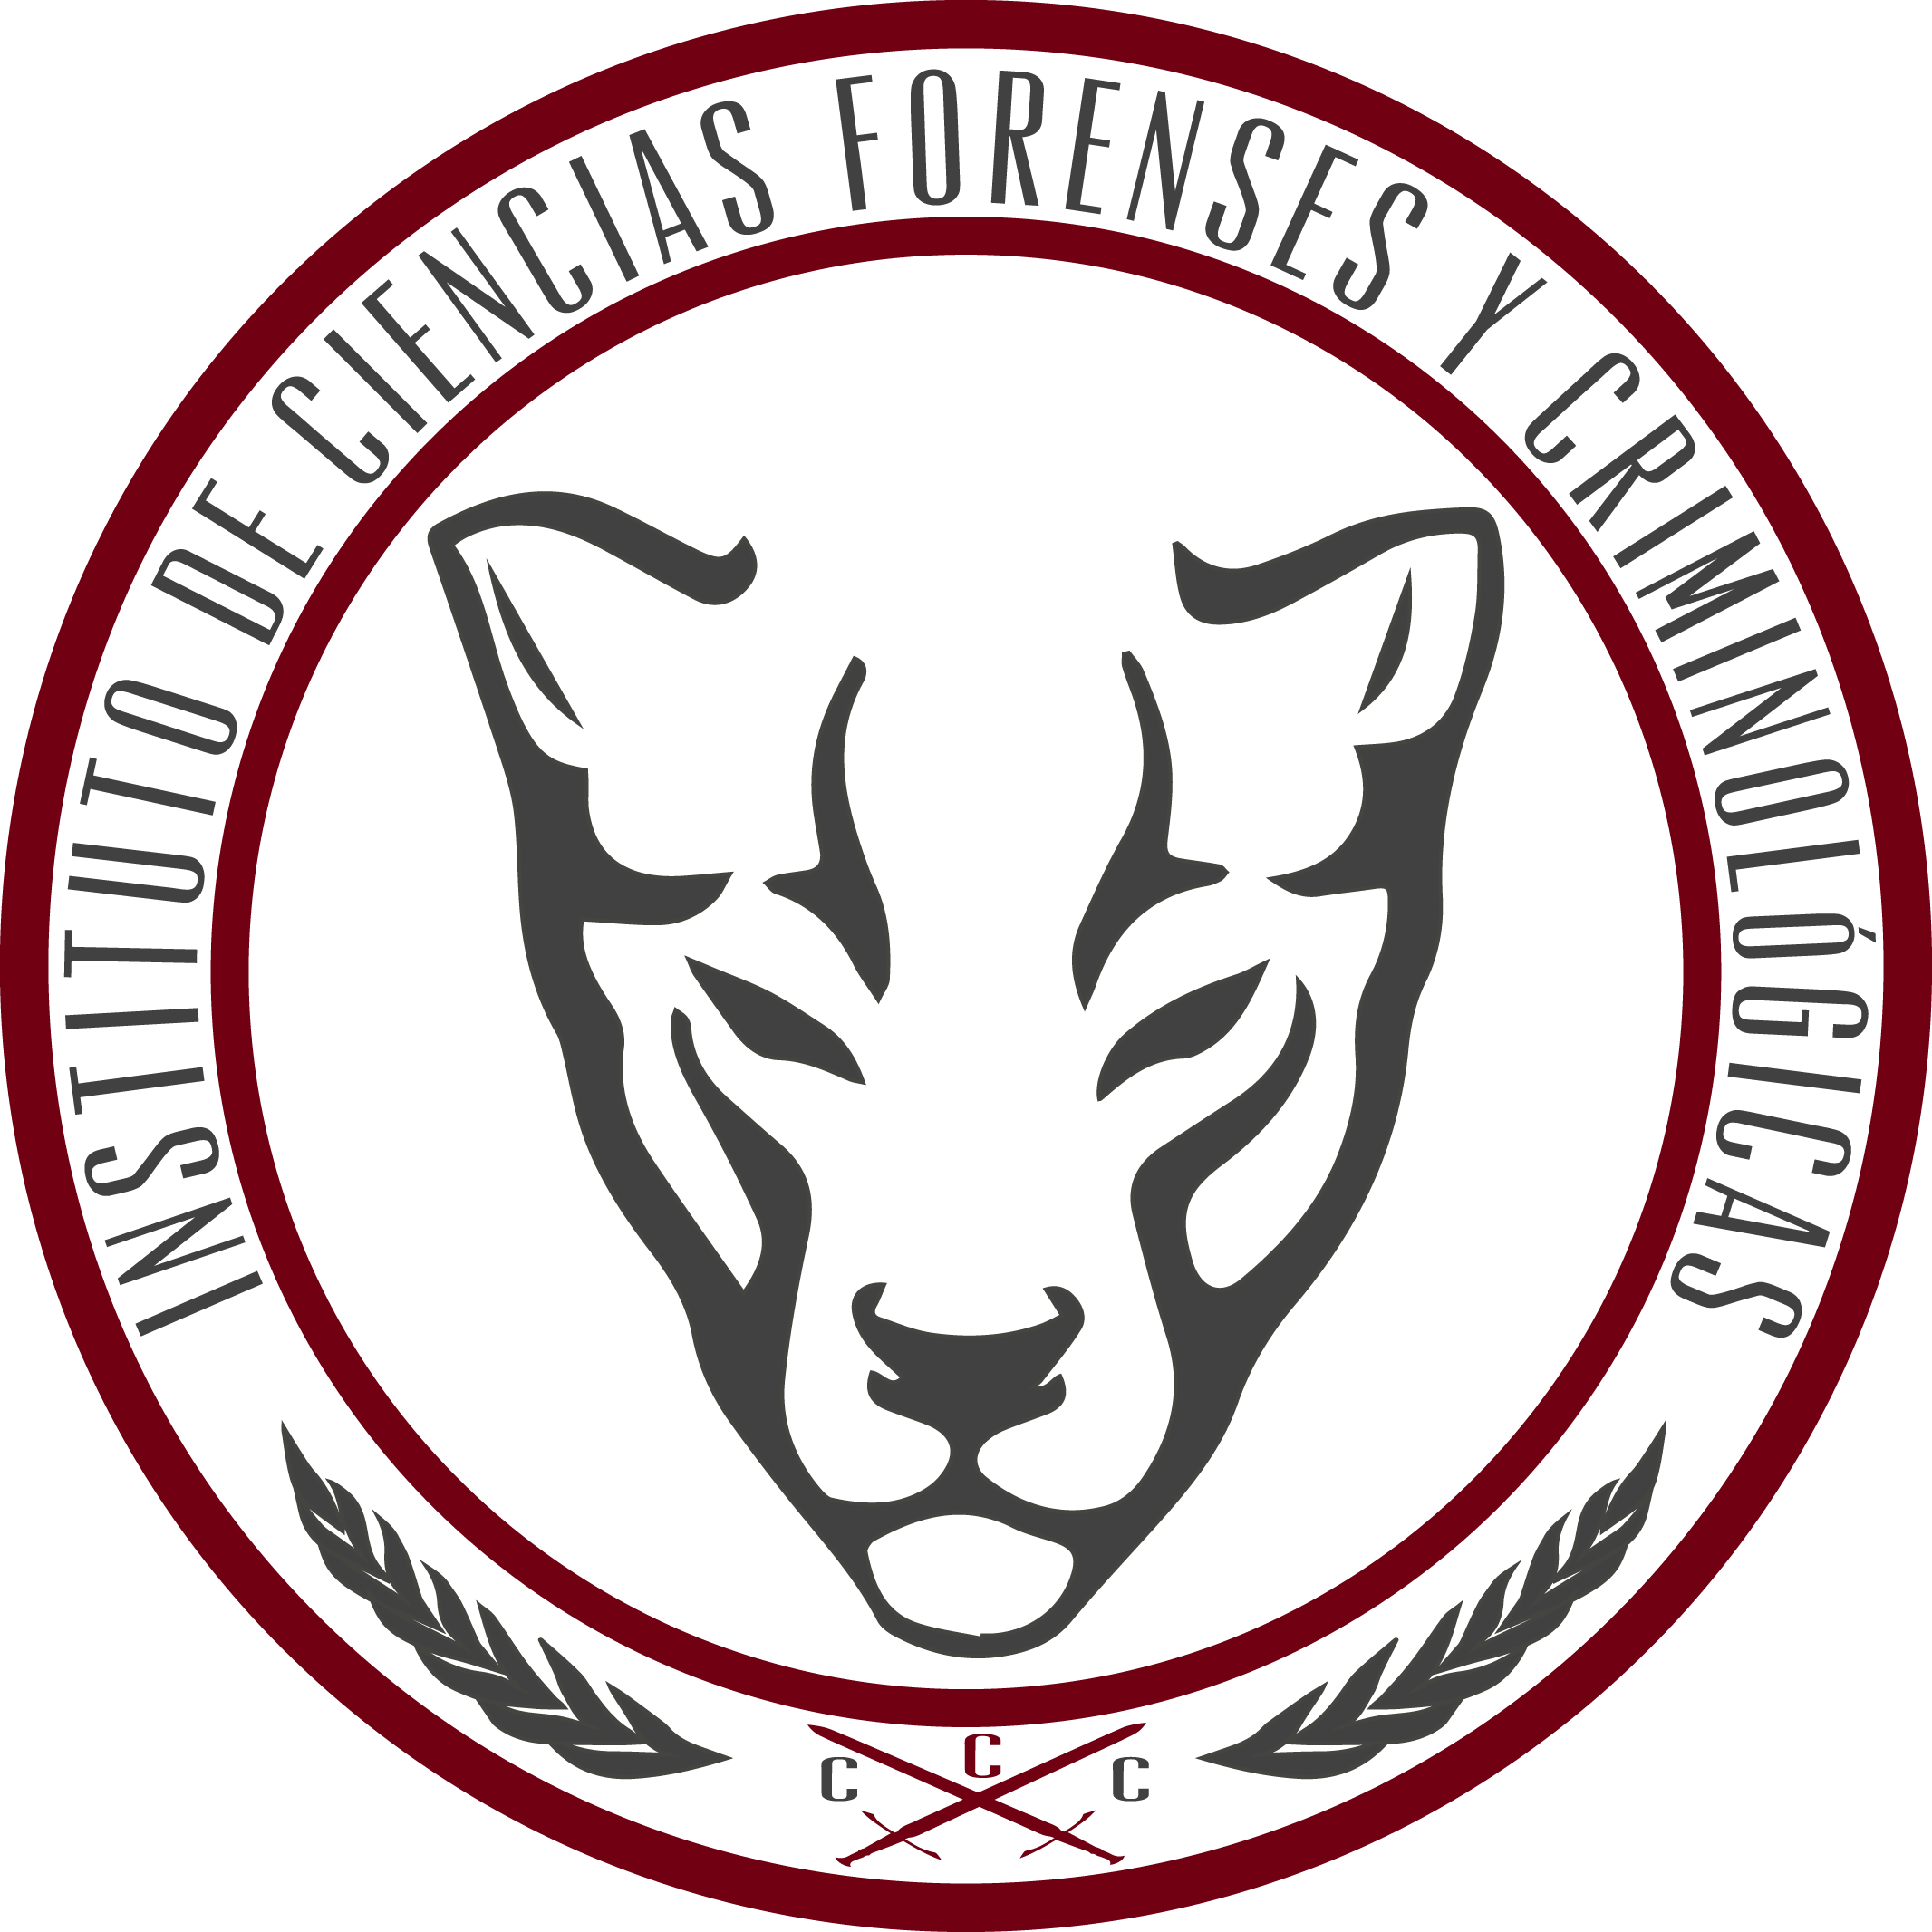 Instituto de Ciencias Forenses y Criminológicas